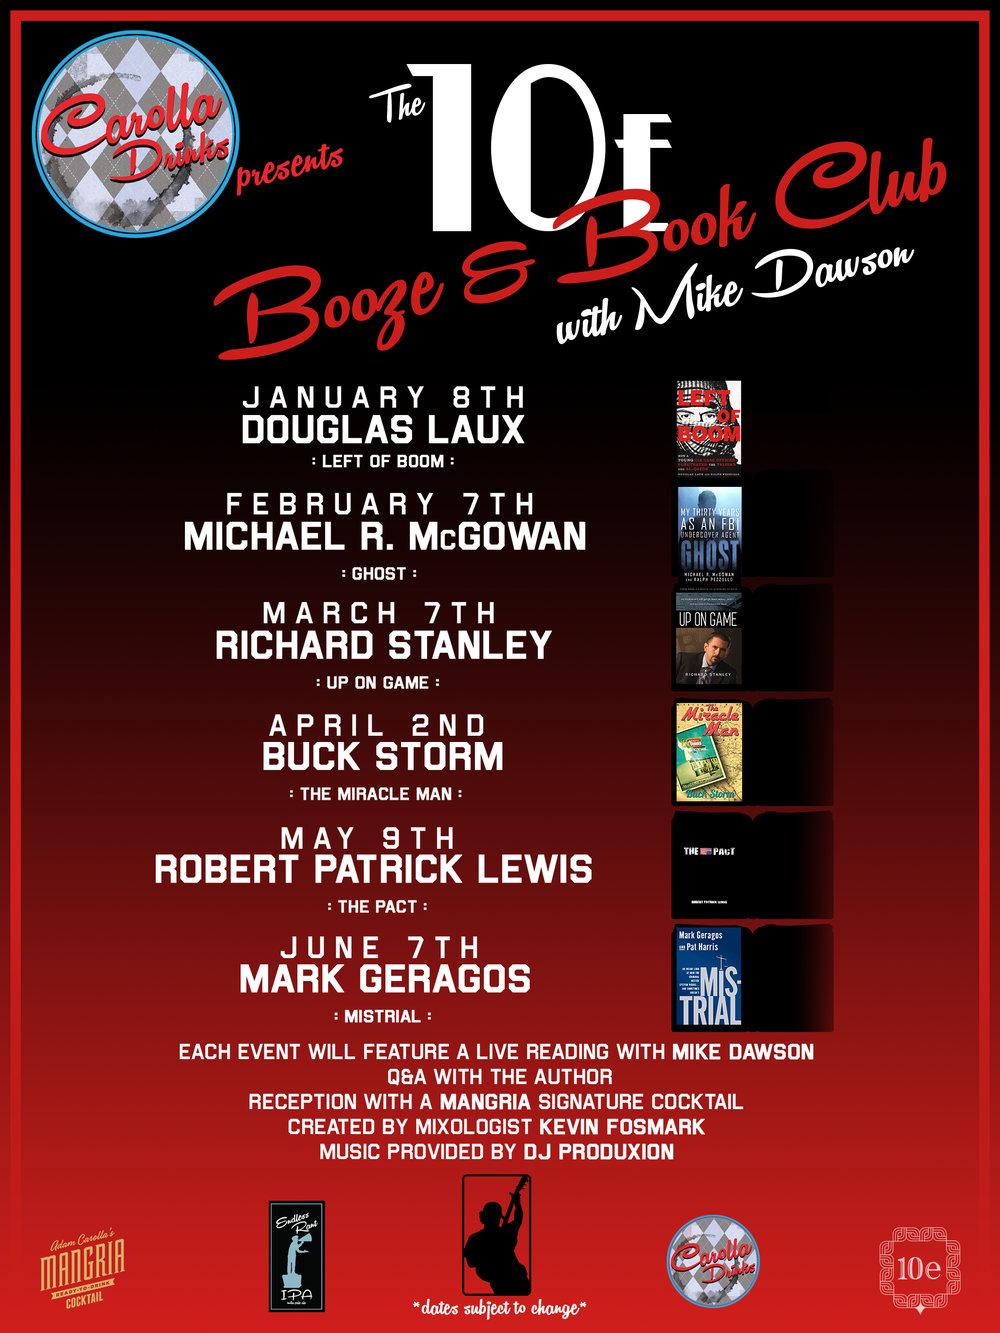 10e_Booze_Bookclub_All_Dates (2).jpg